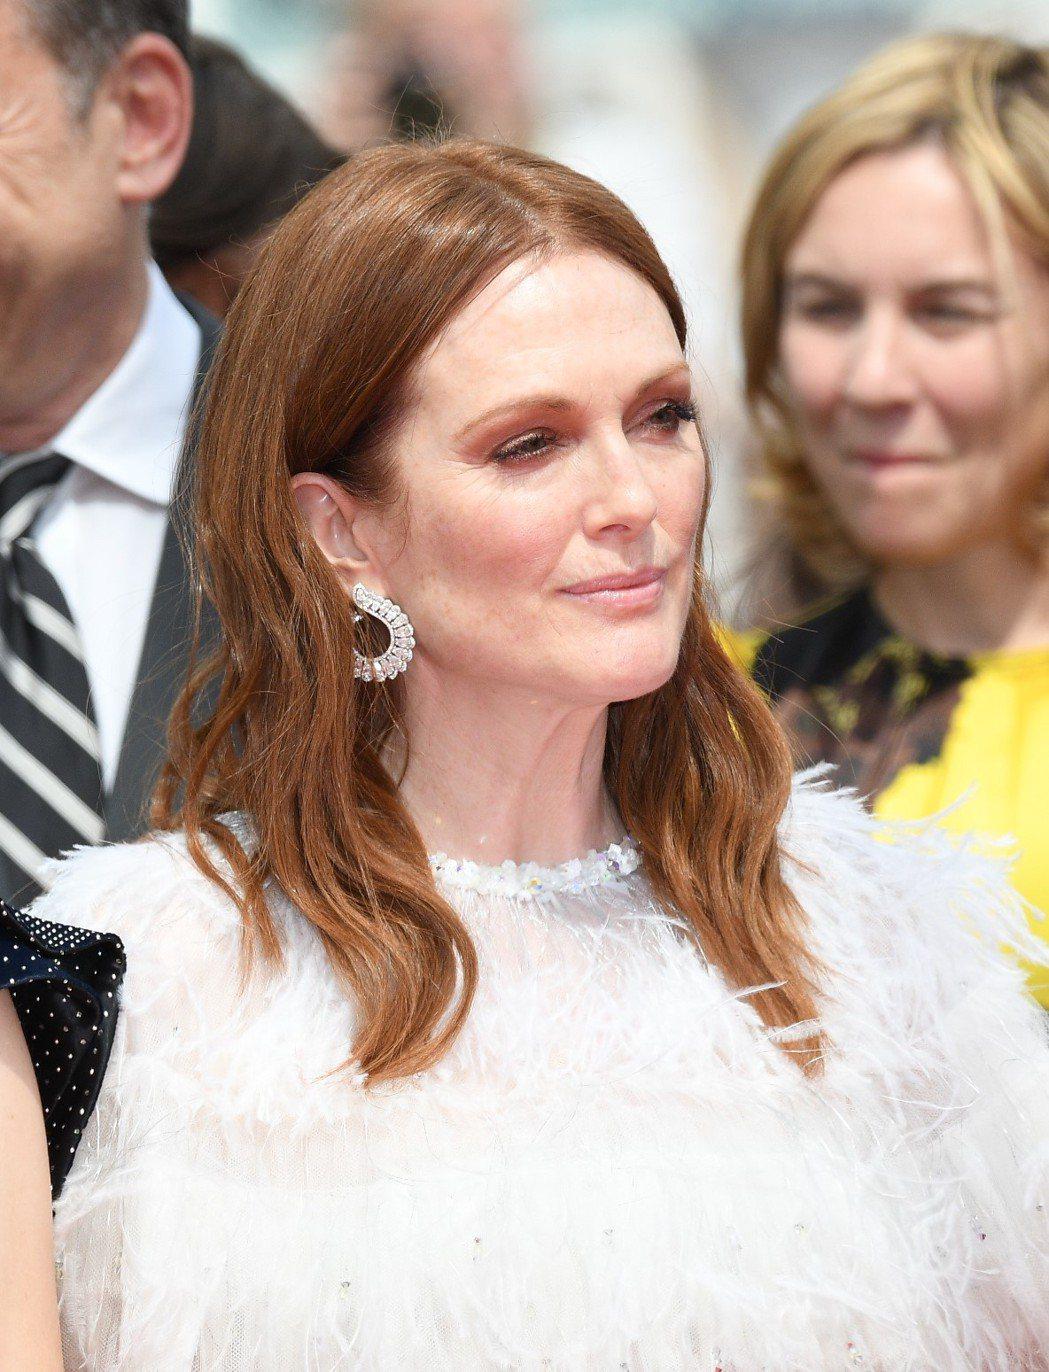 茱莉安摩爾以香奈兒羽毛裝搭配蕭邦頂級珠寶系列,造型也如羽翼的18K白金鑲嵌14.